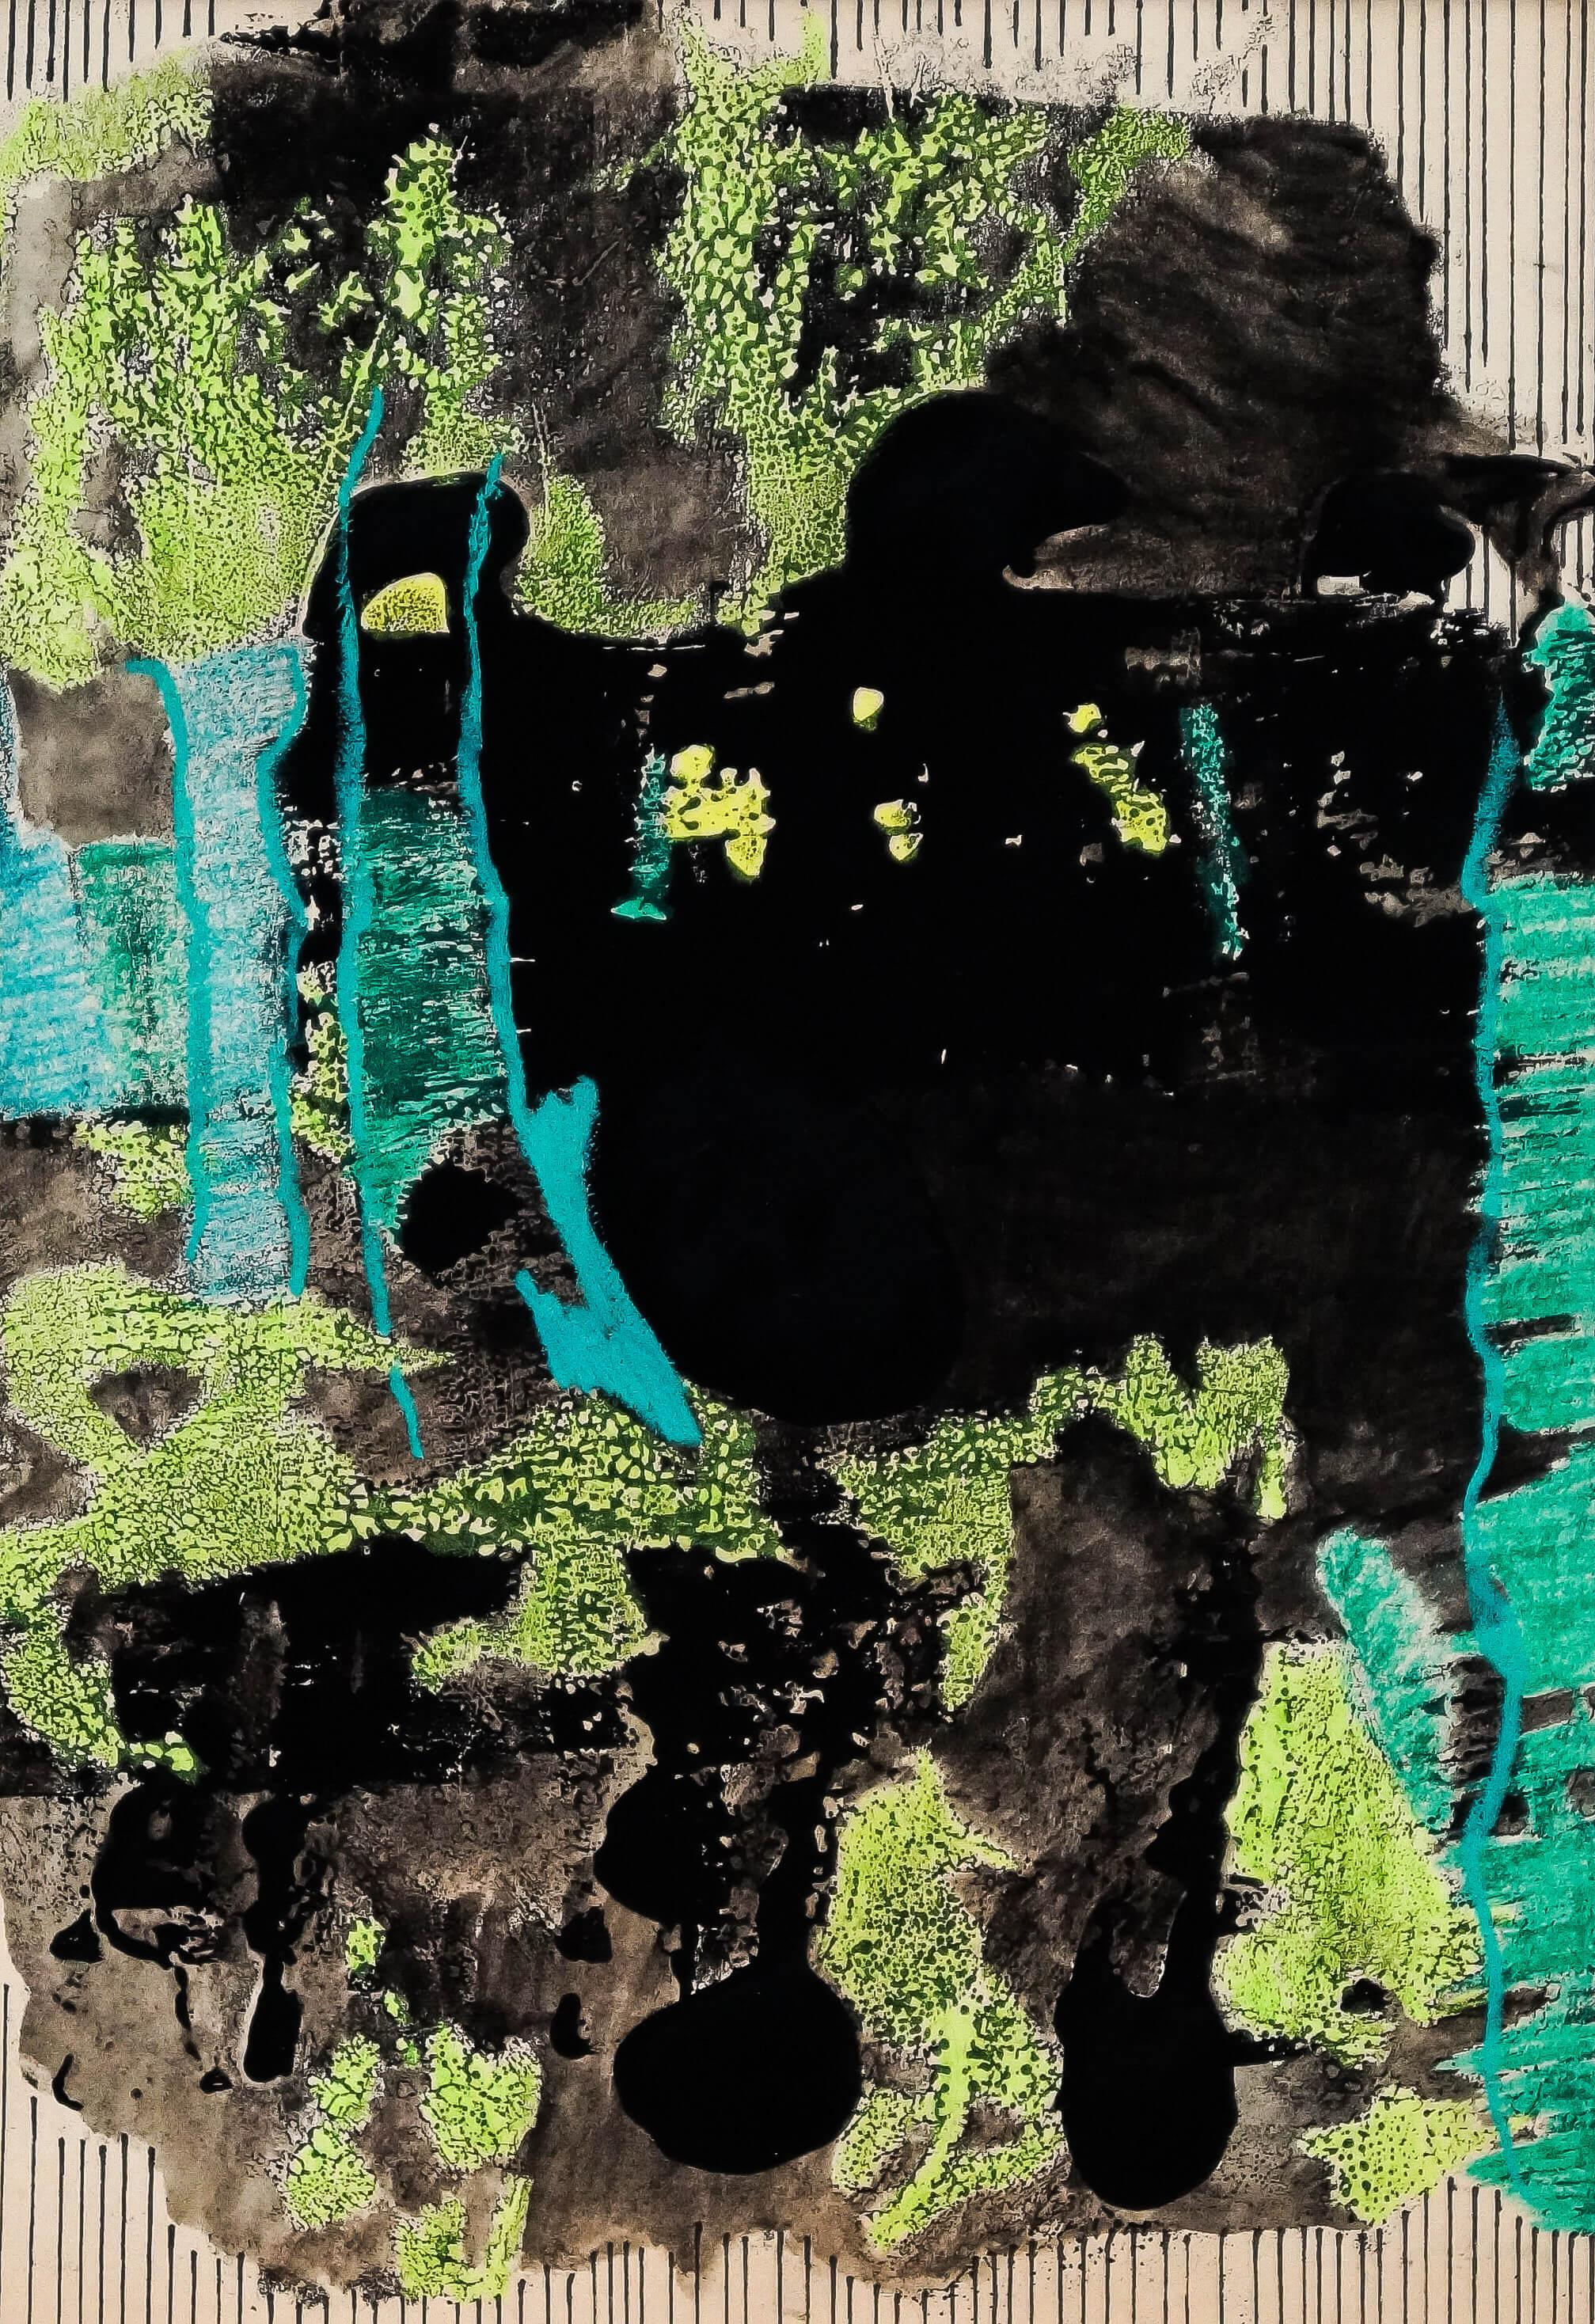 Katharina Albers, Wald XXV, 2014, Ölkreide, Linolfarbe, Graphit auf Papier, 29,7×21 cm